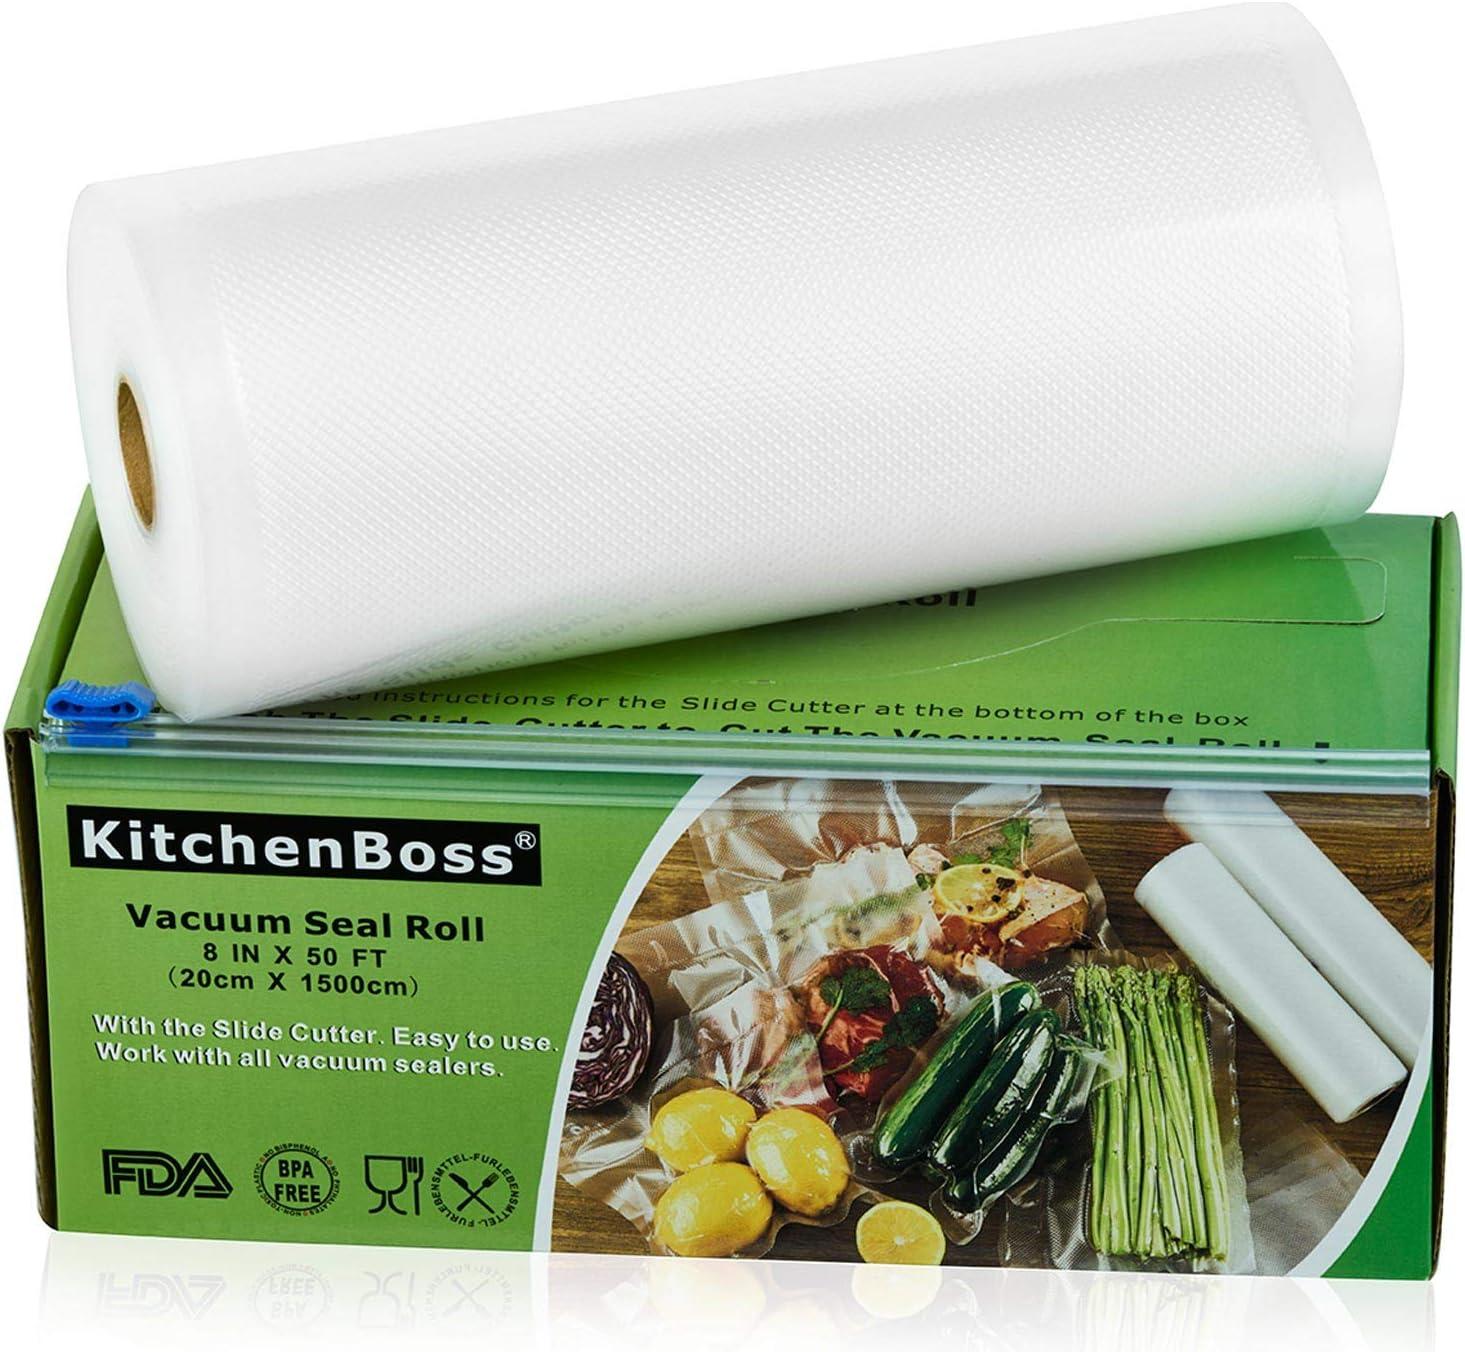 KitchenBoss Bolsas de Vacío 1 Rolls 20x1500cm con Caja de Corte (No Más Tijeras) para Almacenaje de Alimentos,Sous Vide Cocina, BPA Free